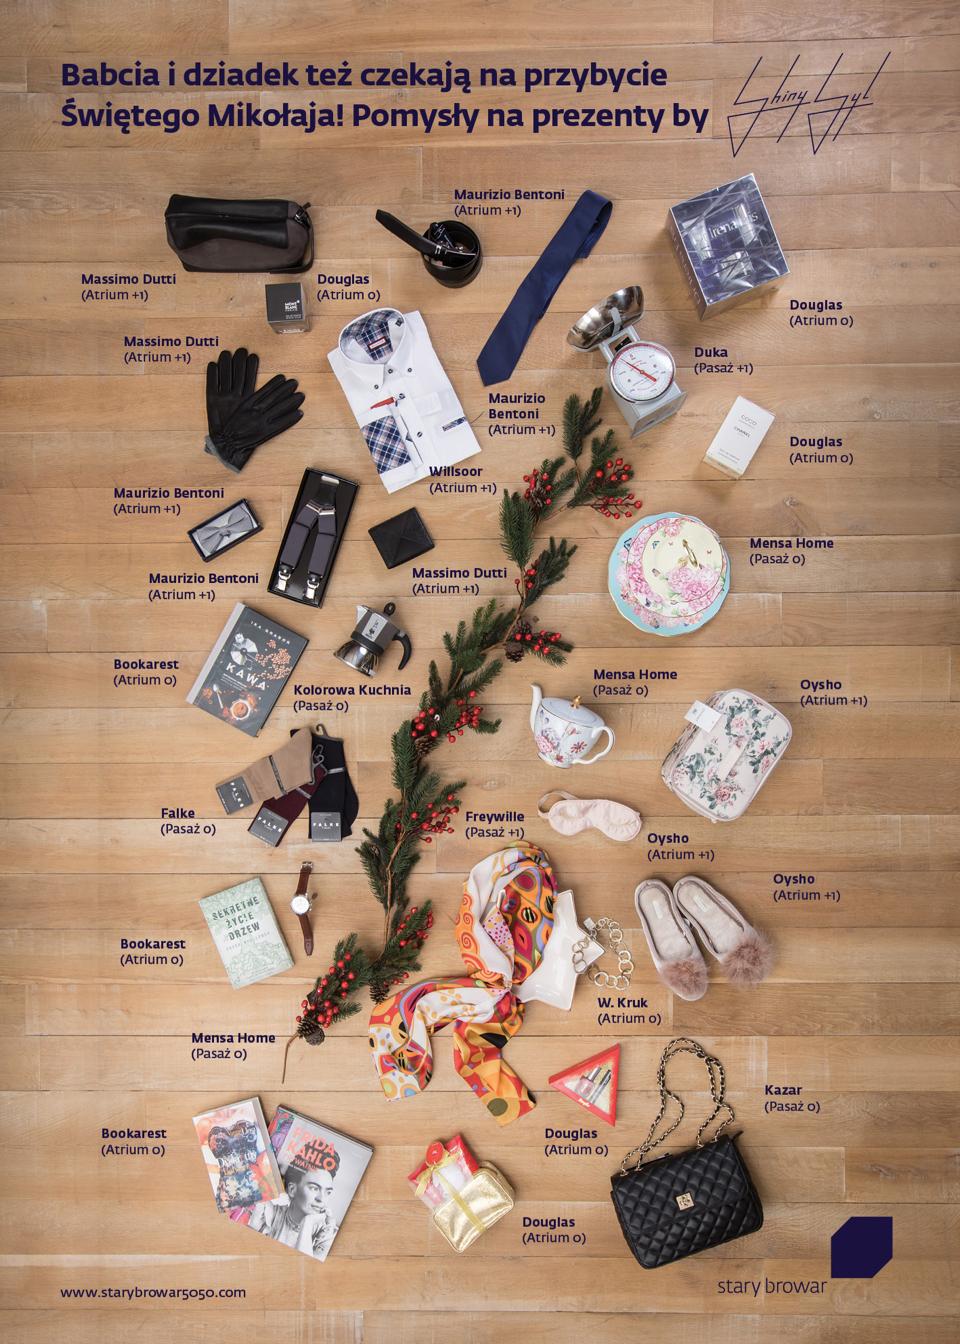 prezent-dla-babci-dziadka-pomysły-co-kupić-pod-choinkę-dziadkom